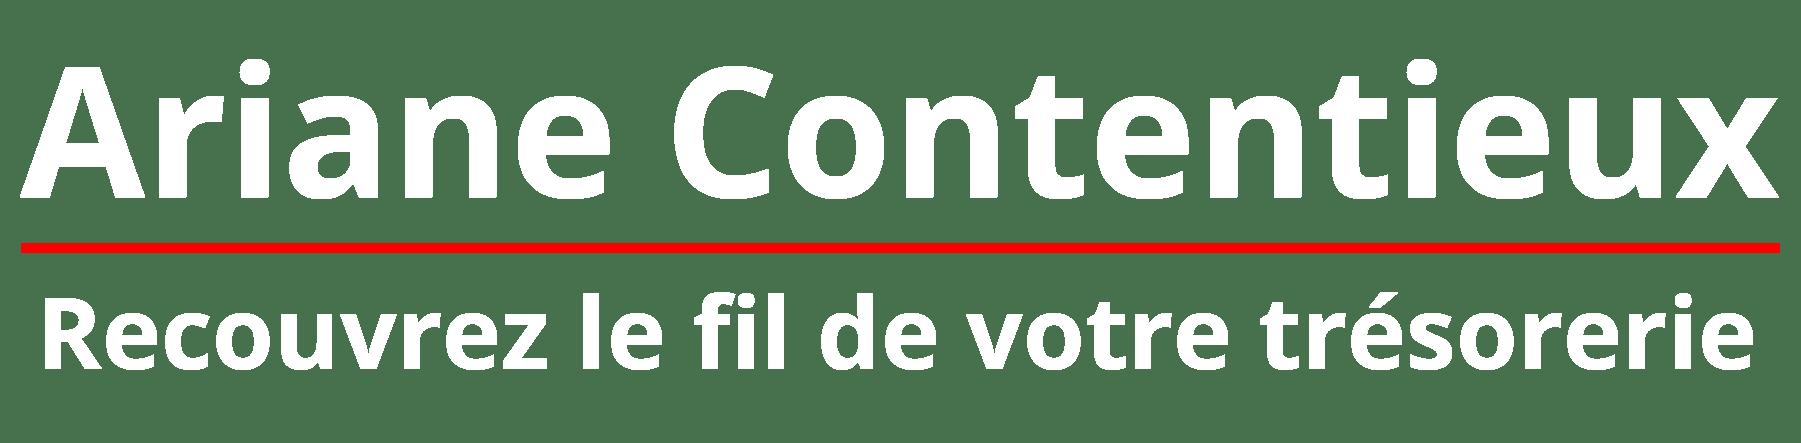 Ariane Contentieux